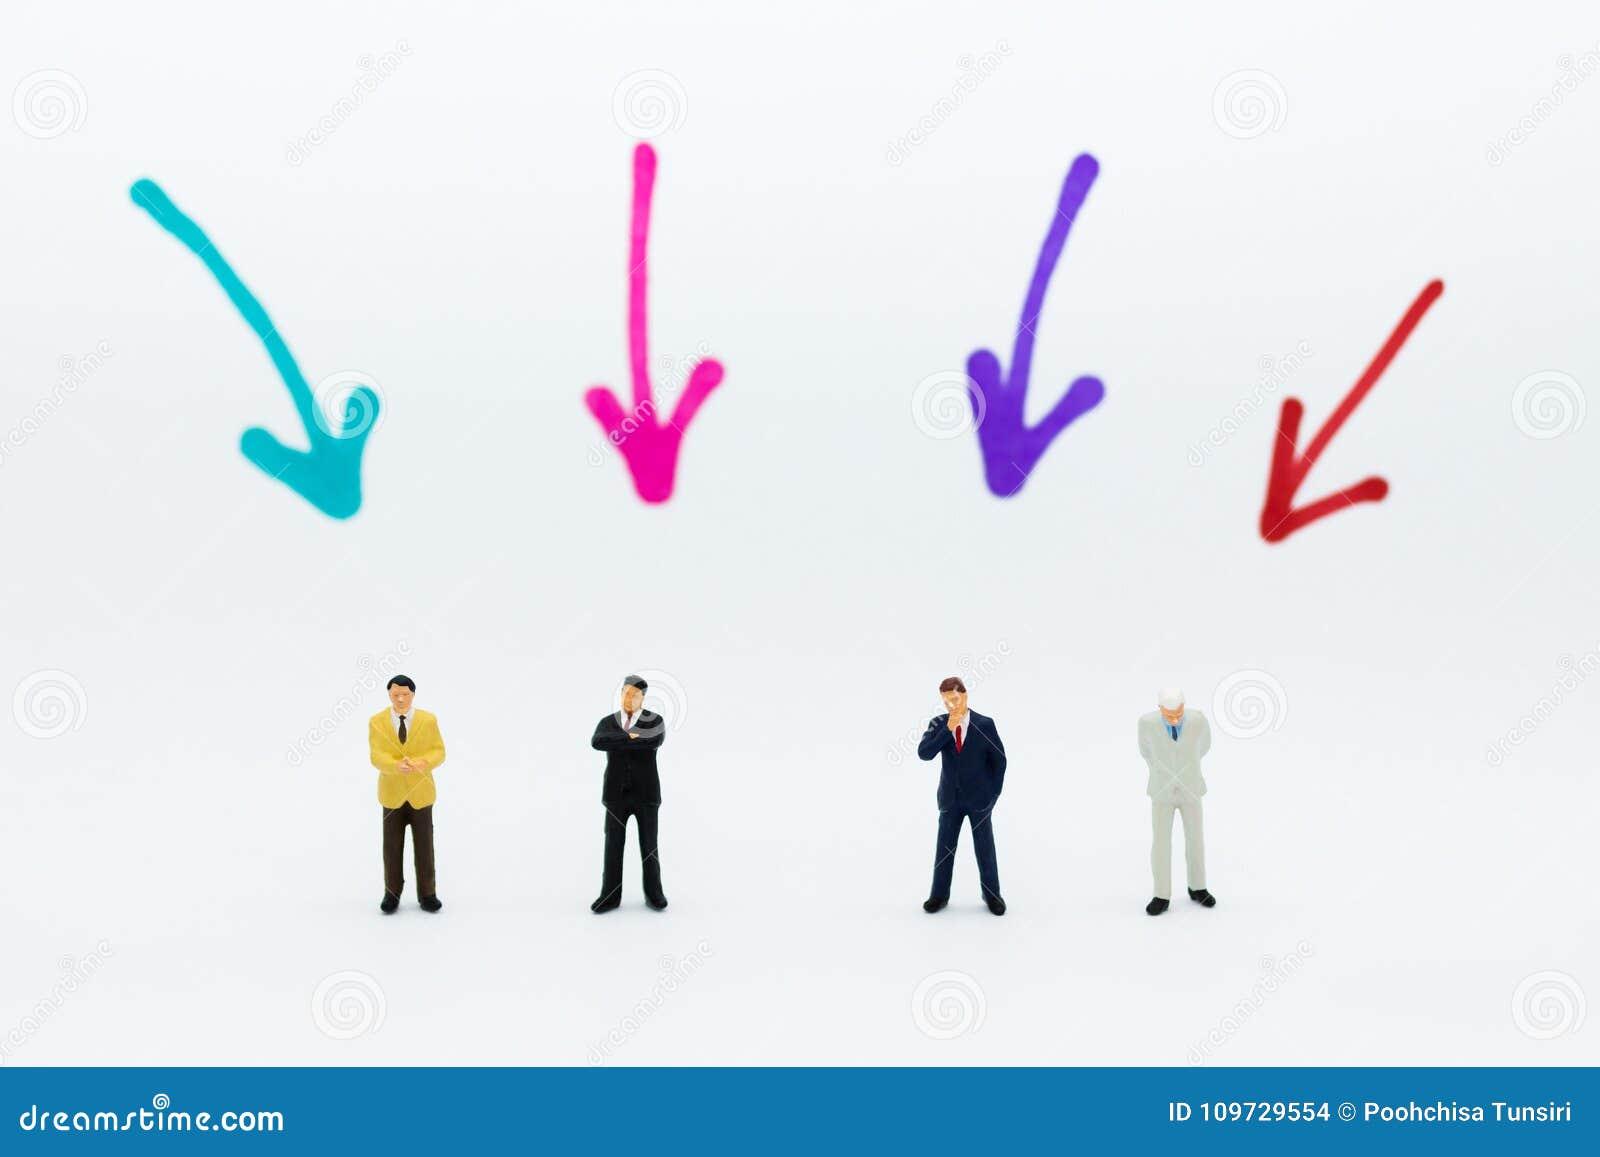 Miniatuurmensen: De groep zakenlieden werkt met team, gebruikend als achtergrondkeus van de meest geschikte werknemer, u, HRM, HR